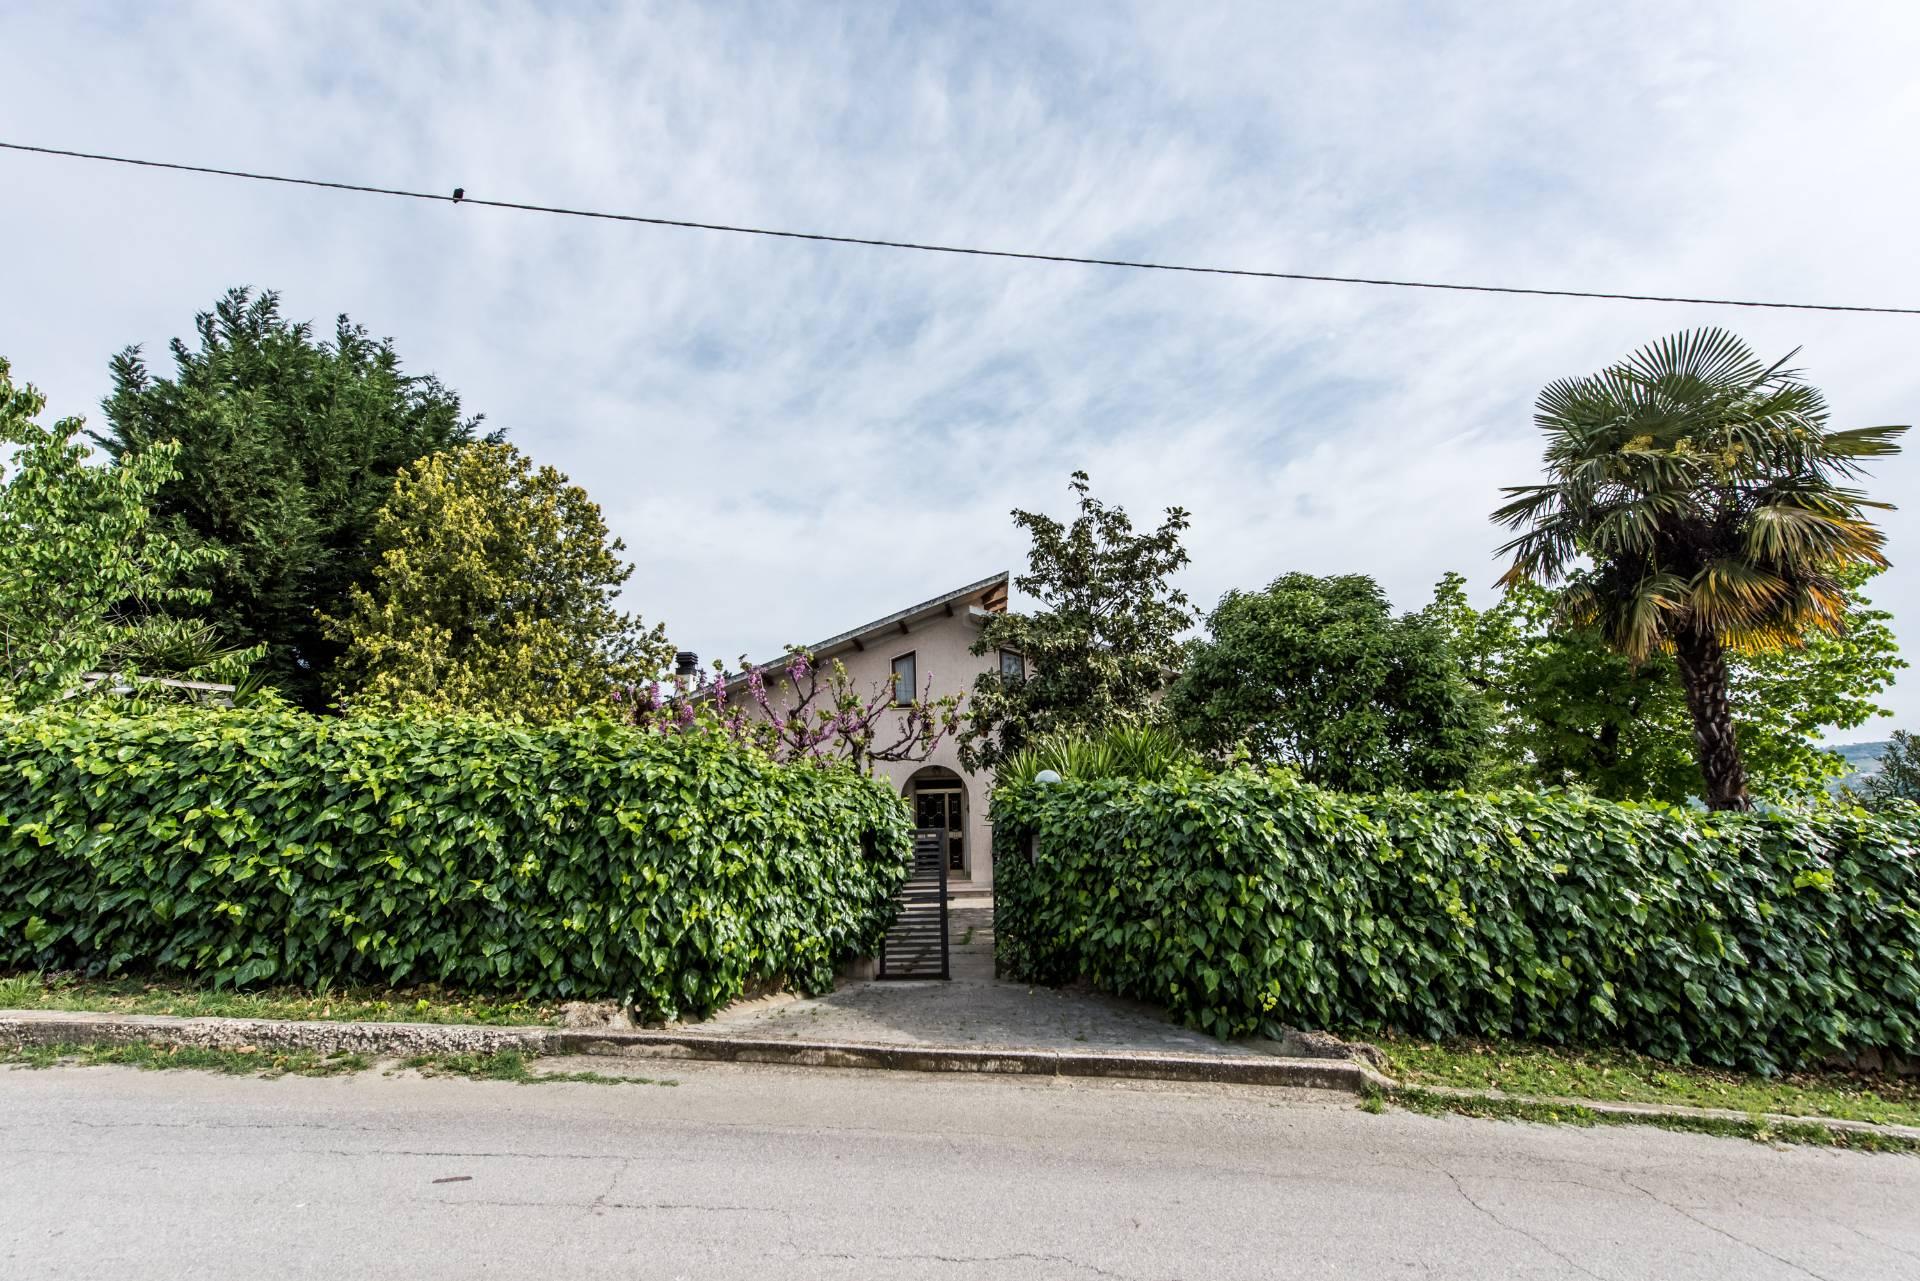 Soluzione Indipendente in vendita a Chieti, 7 locali, zona Zona: Periferia, prezzo € 205.000 | Cambio Casa.it